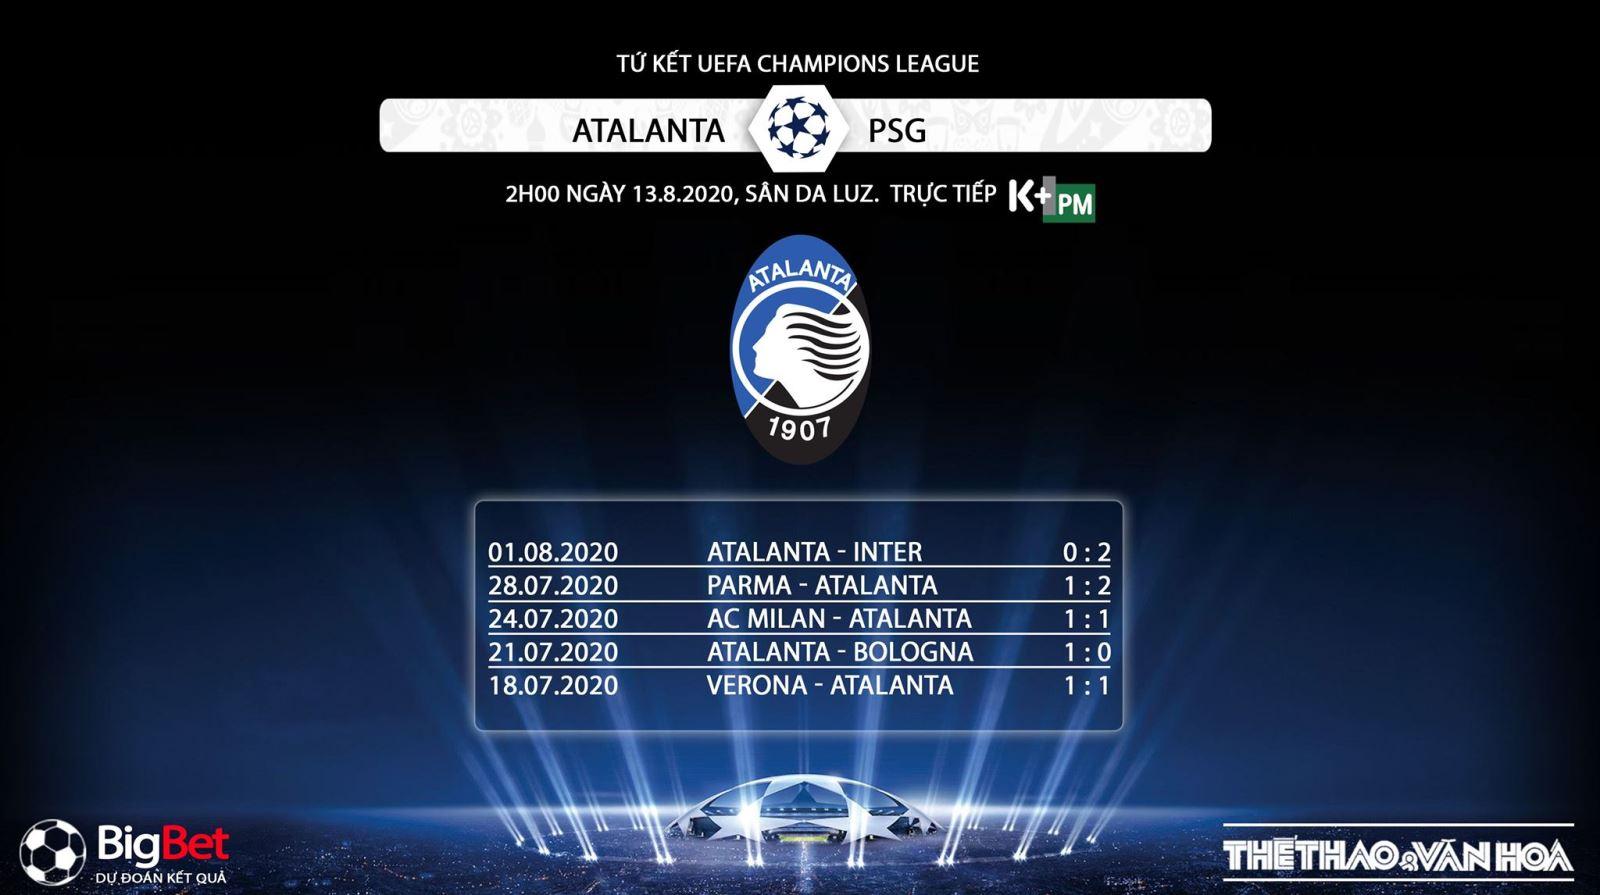 Atalanta vs PSG, soi kèo bóng đá, soi kèo, nhận định, dự đoán, Atalanta vs PSG, trực tiếp bóng đá, lịch thi đấu, PSG, Atalanta